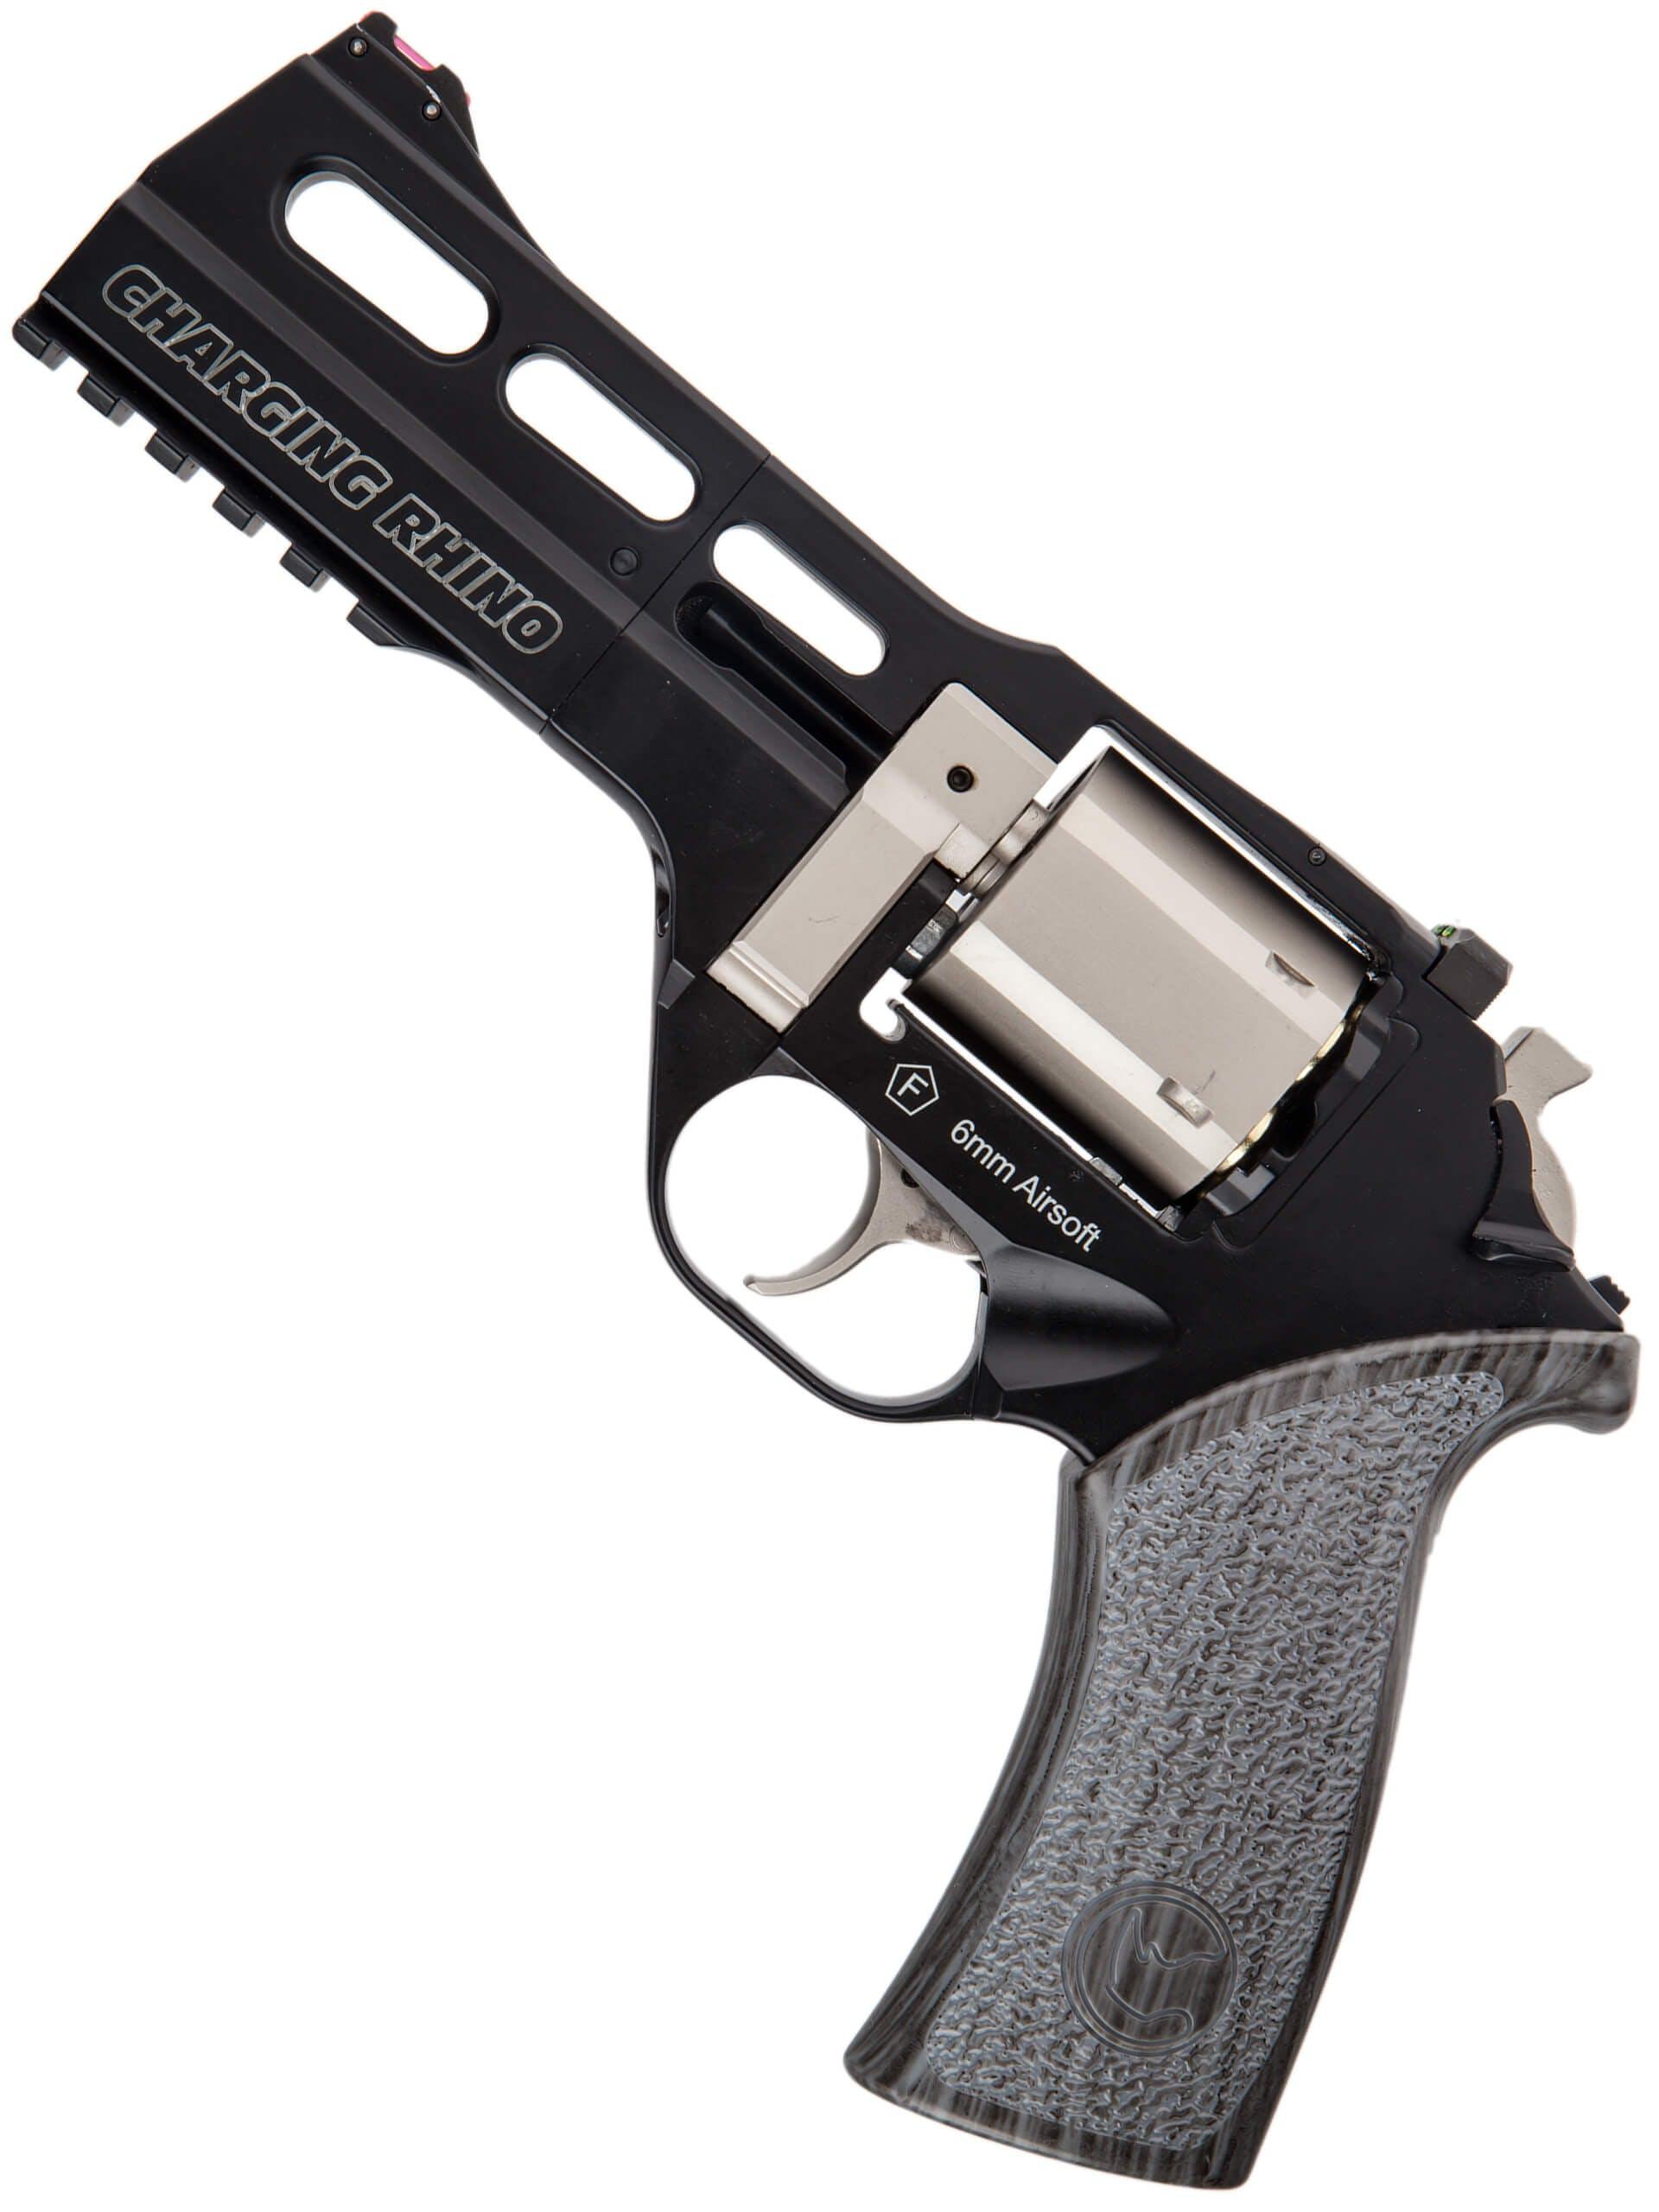 Chiappa Firearms Charging Rhino